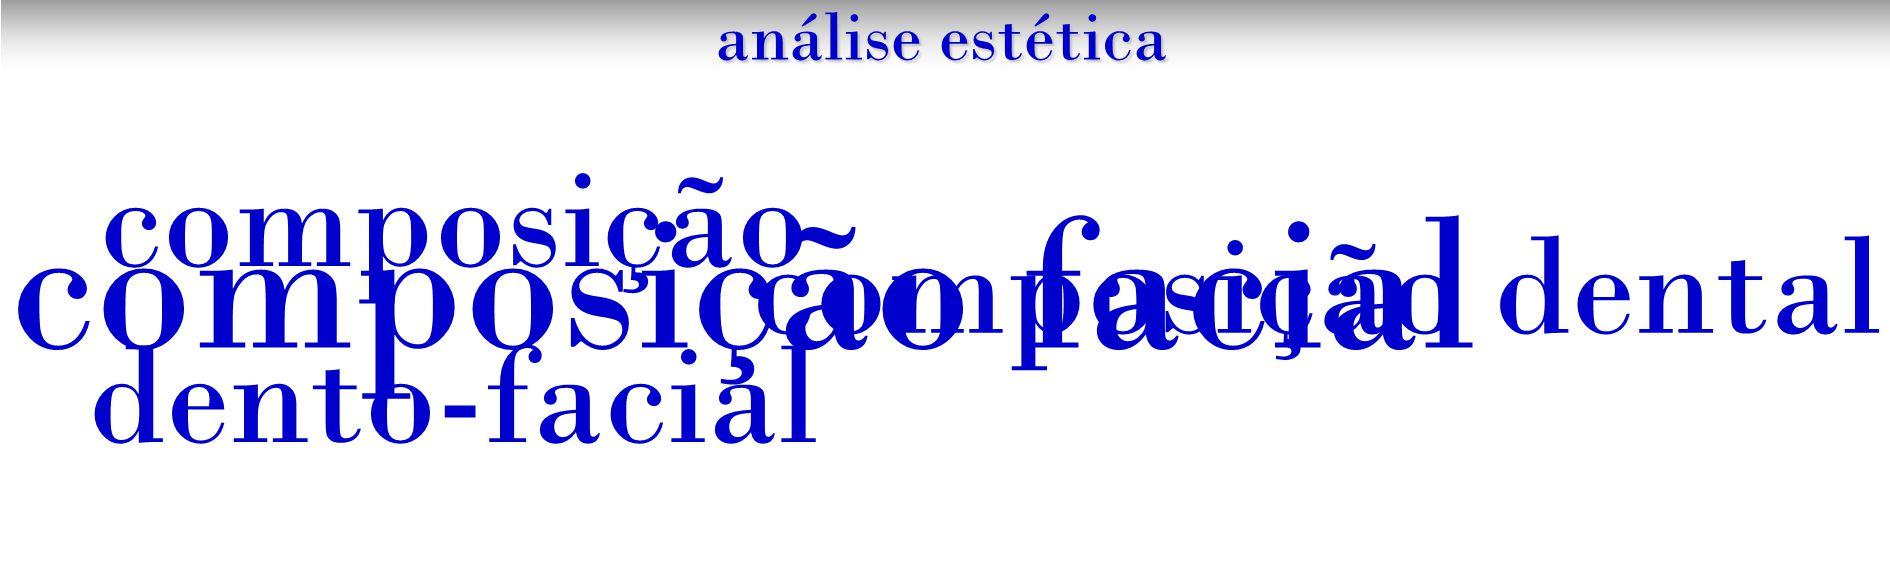 análise estética composição facial composição dento-facial composição dental